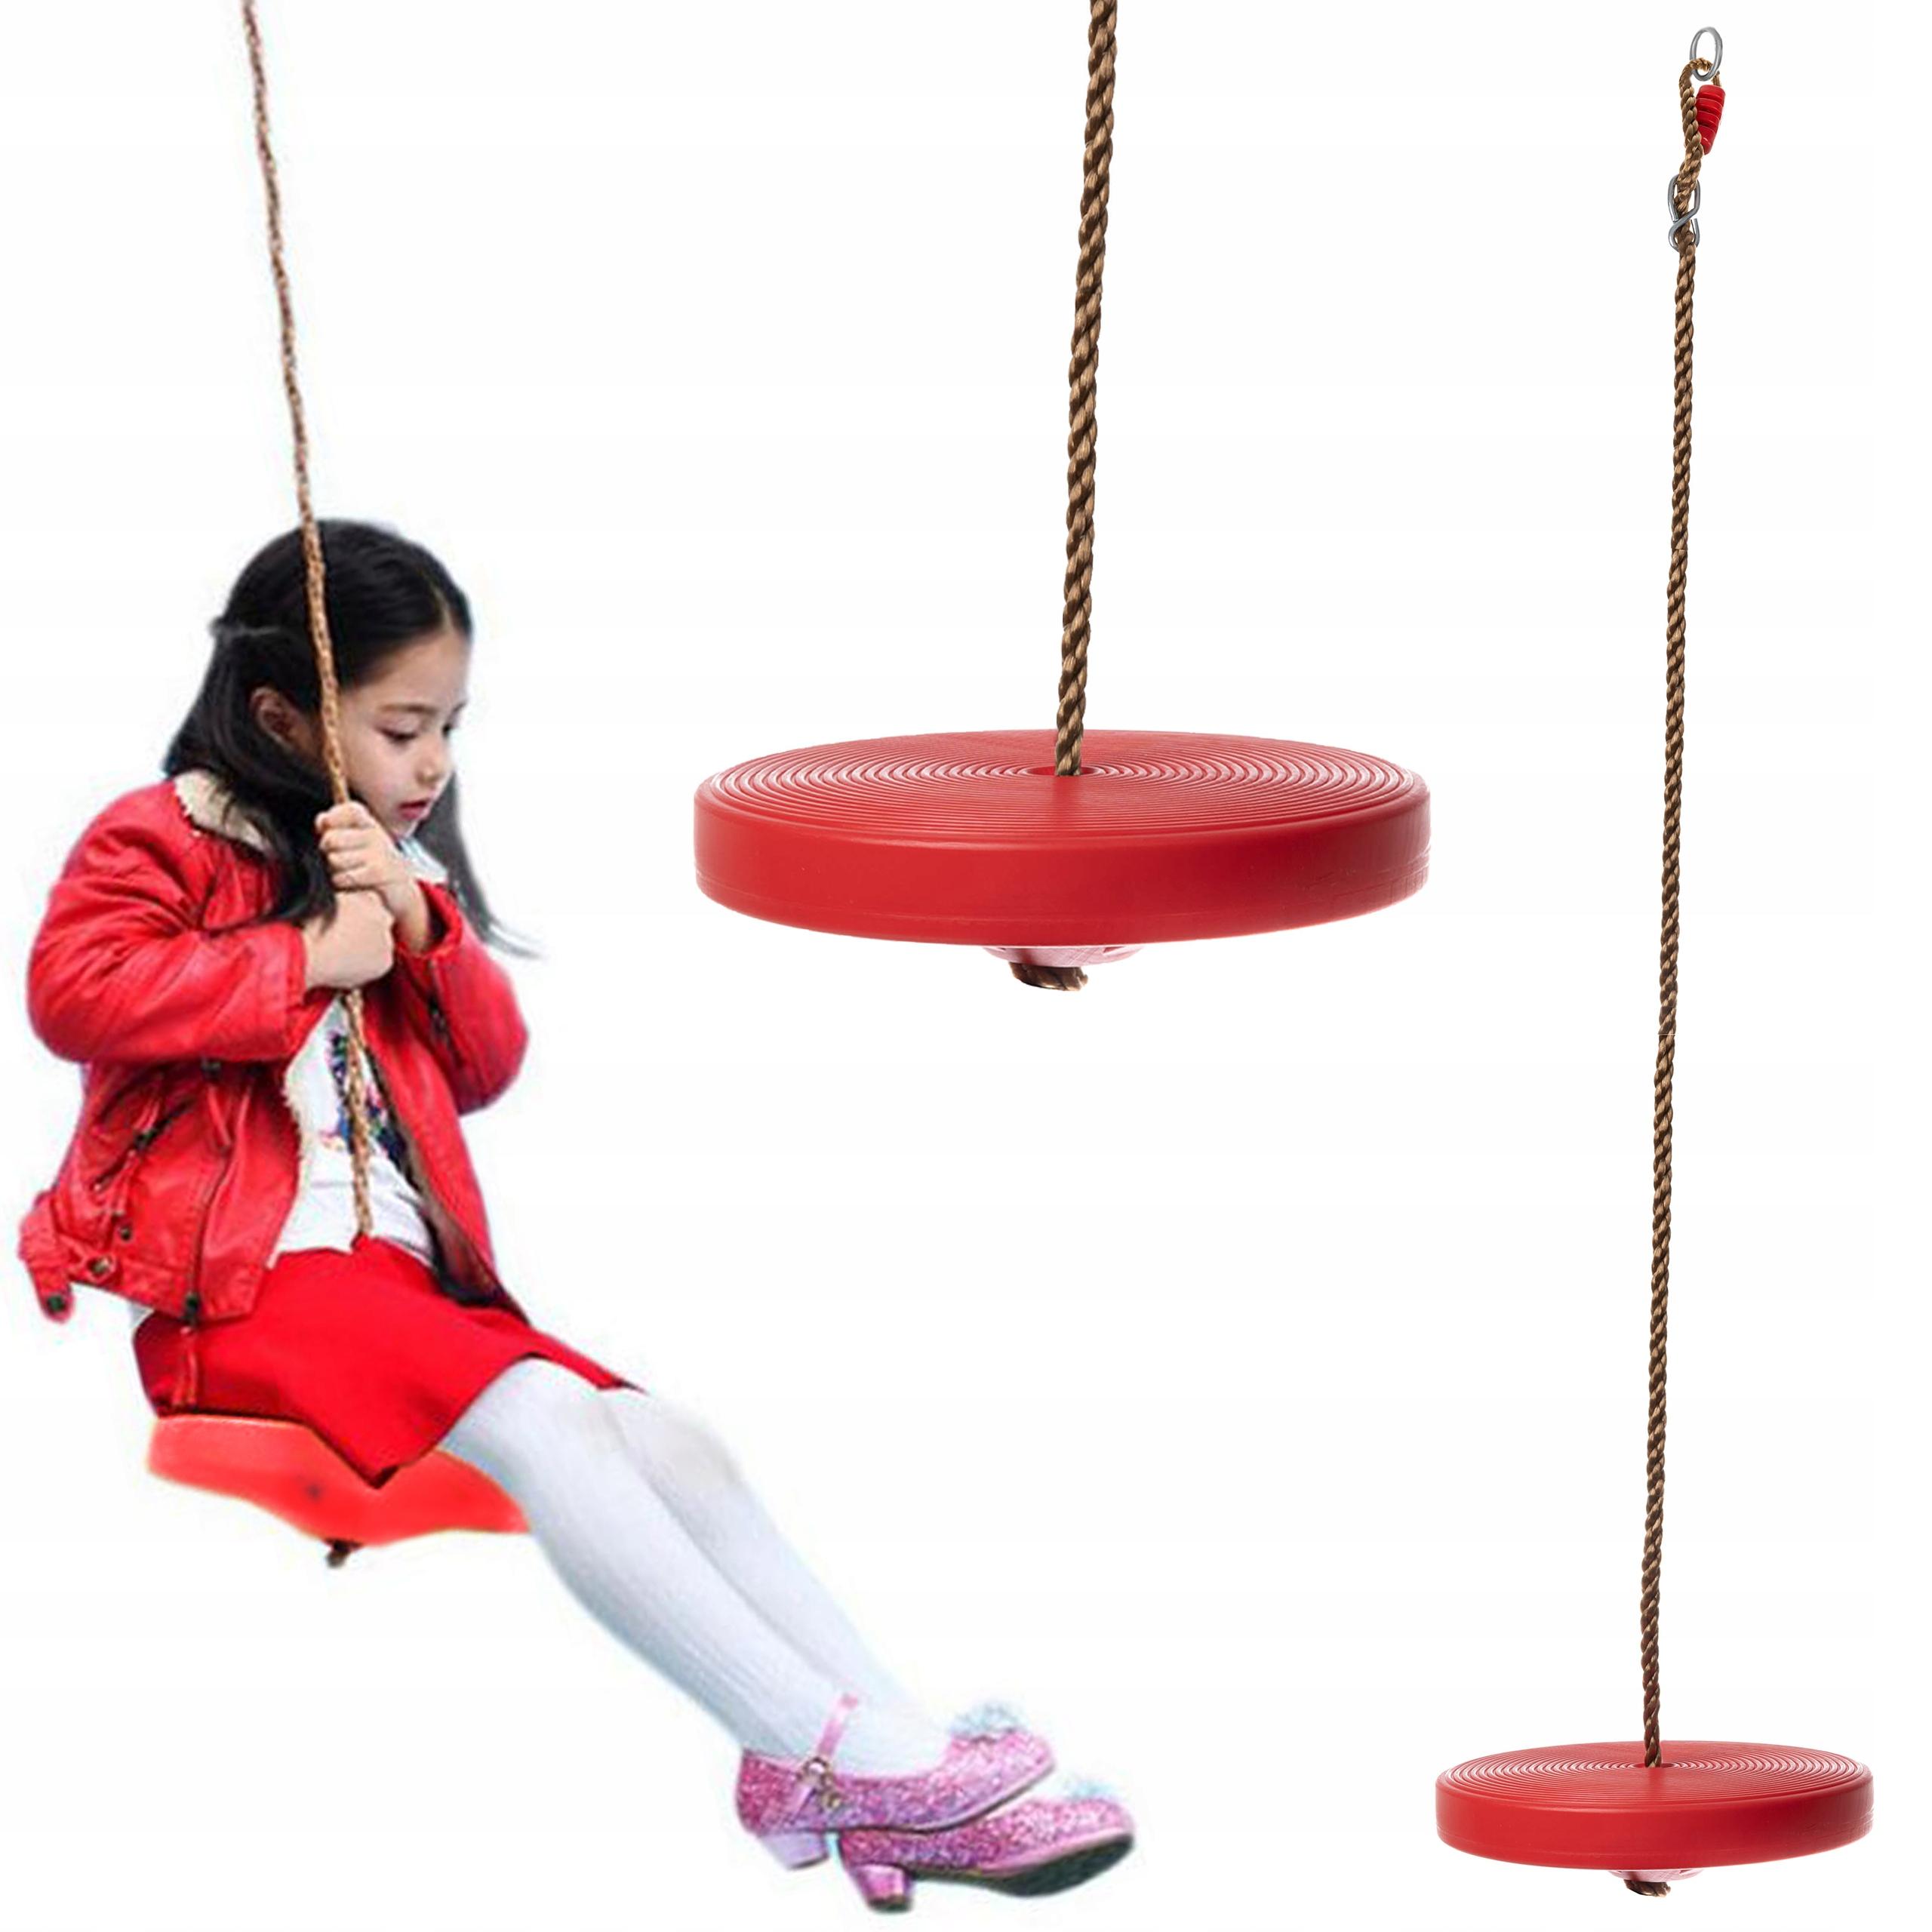 Садовые качели для детей, макс. 150 кг. Регулируемые.